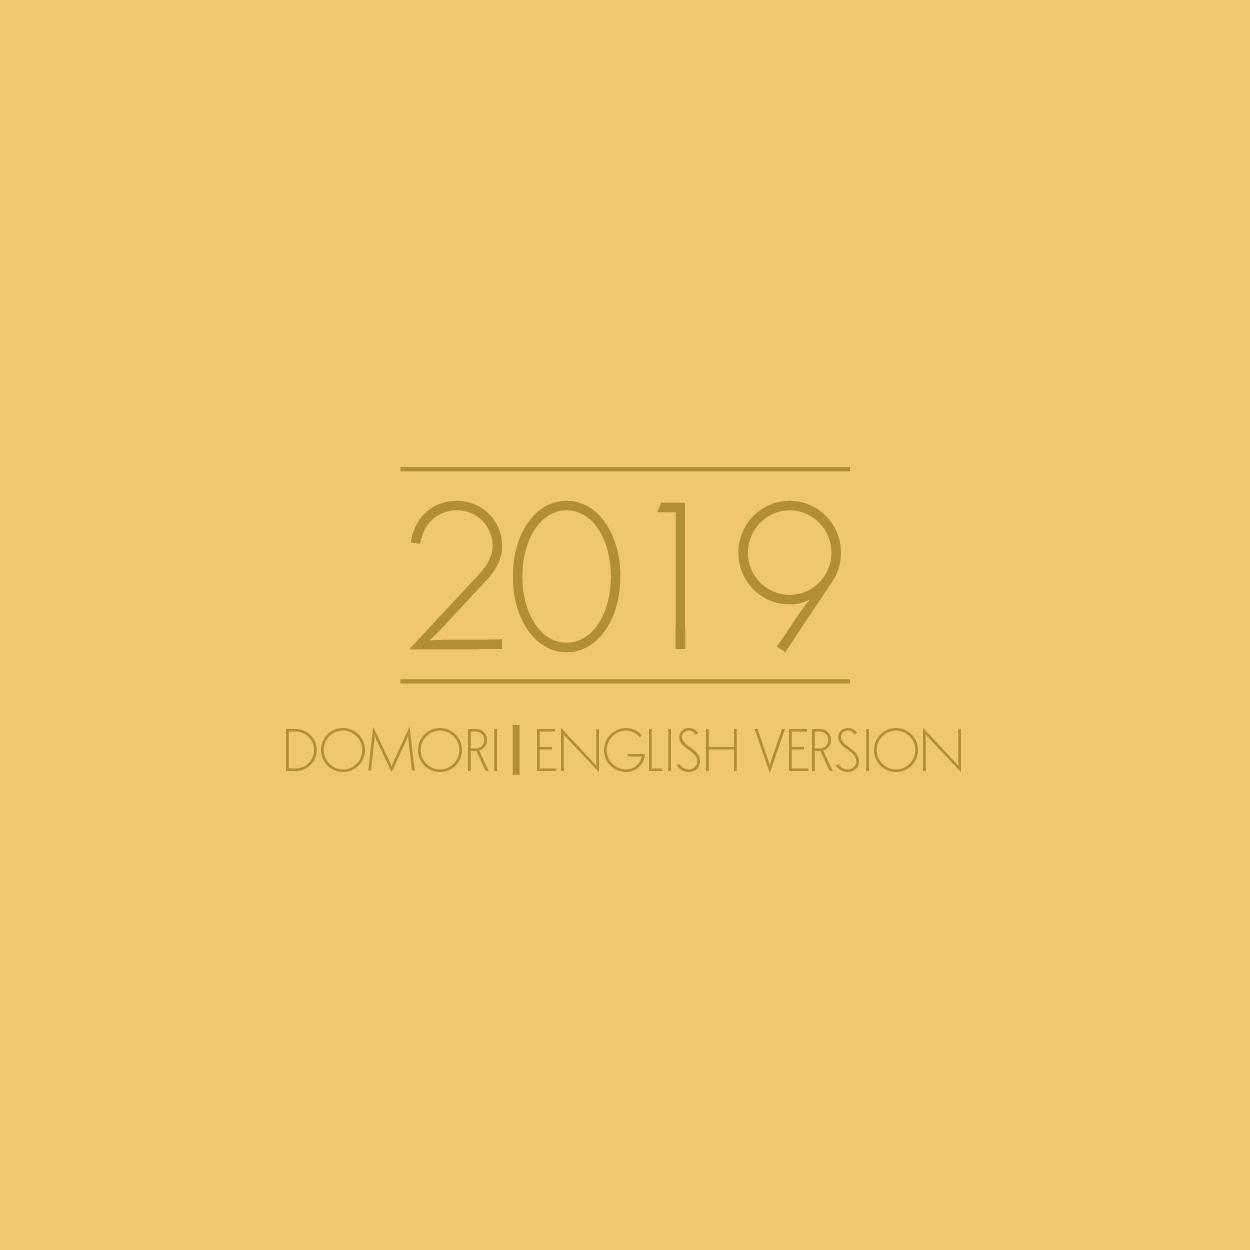 Catalogo Domori 2019 INGLESE